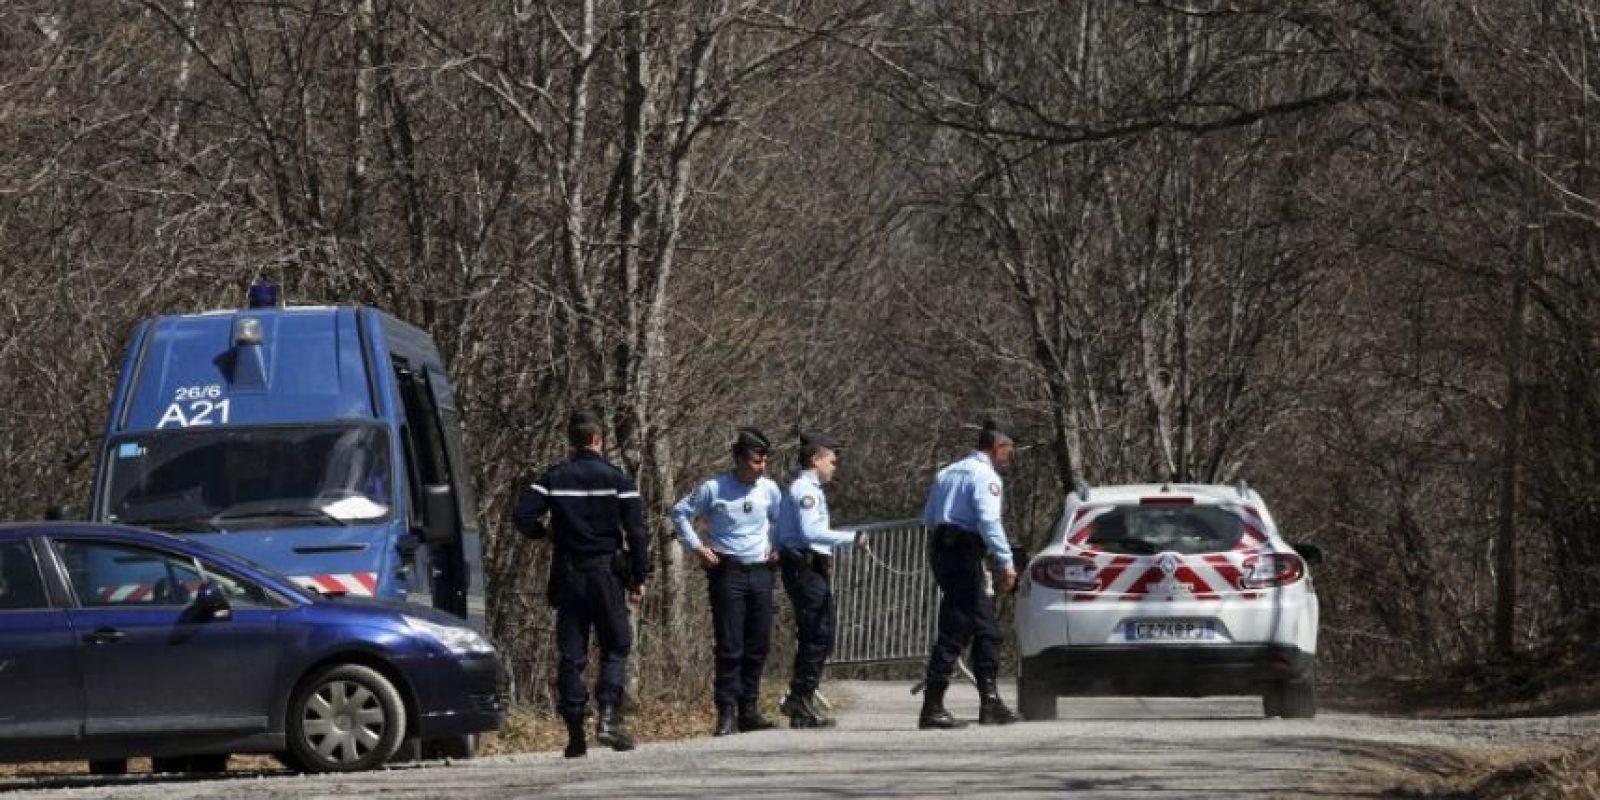 Se recolectaron más de dos mil muestras de ADN para realizar la identificación de los pasajeros. Foto:AFP